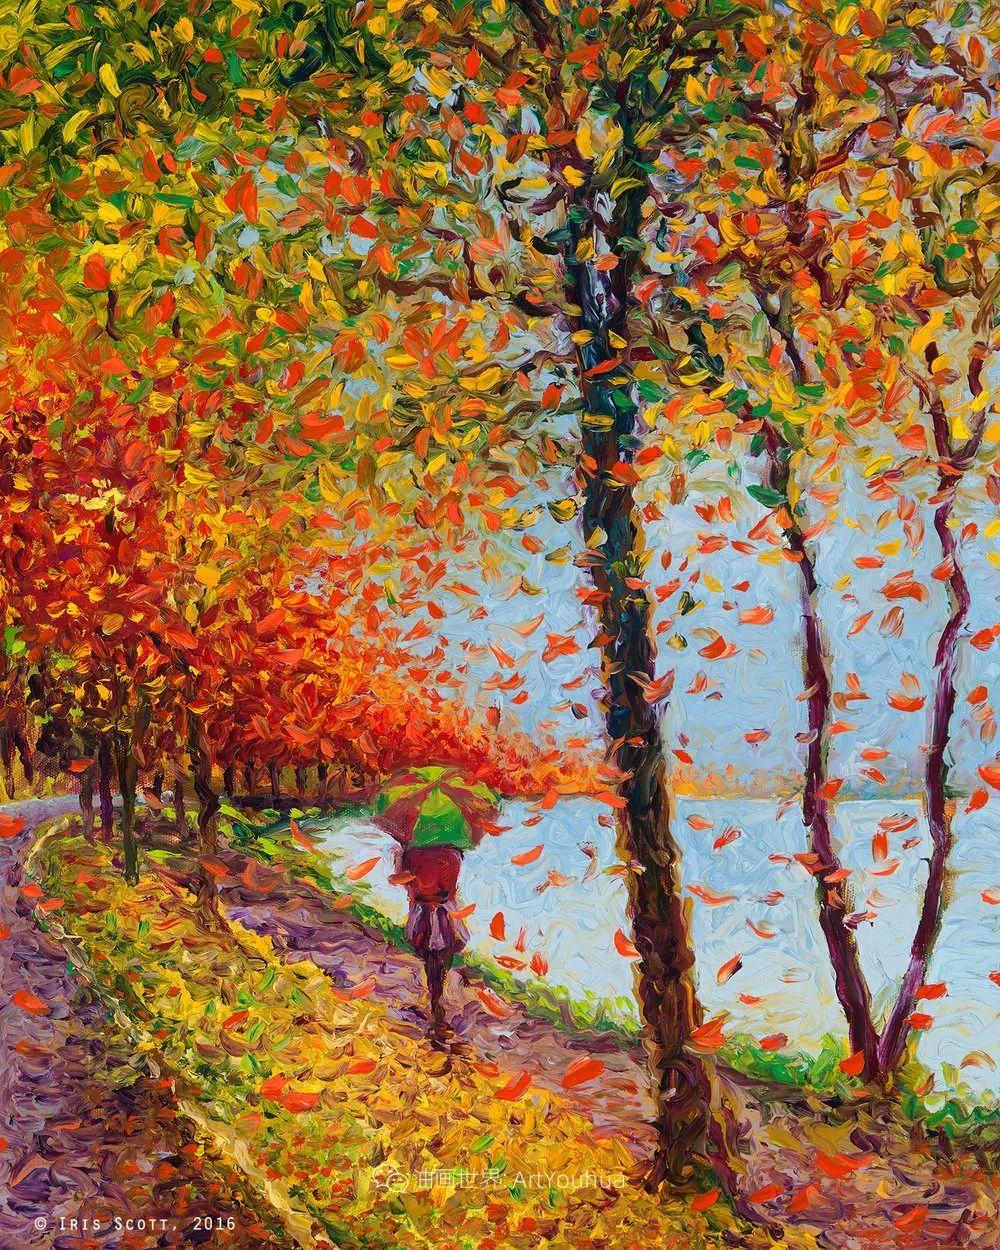 用颜料触摸这个世界!美国画家Iris Scott画选(下)——人物街景篇插图39